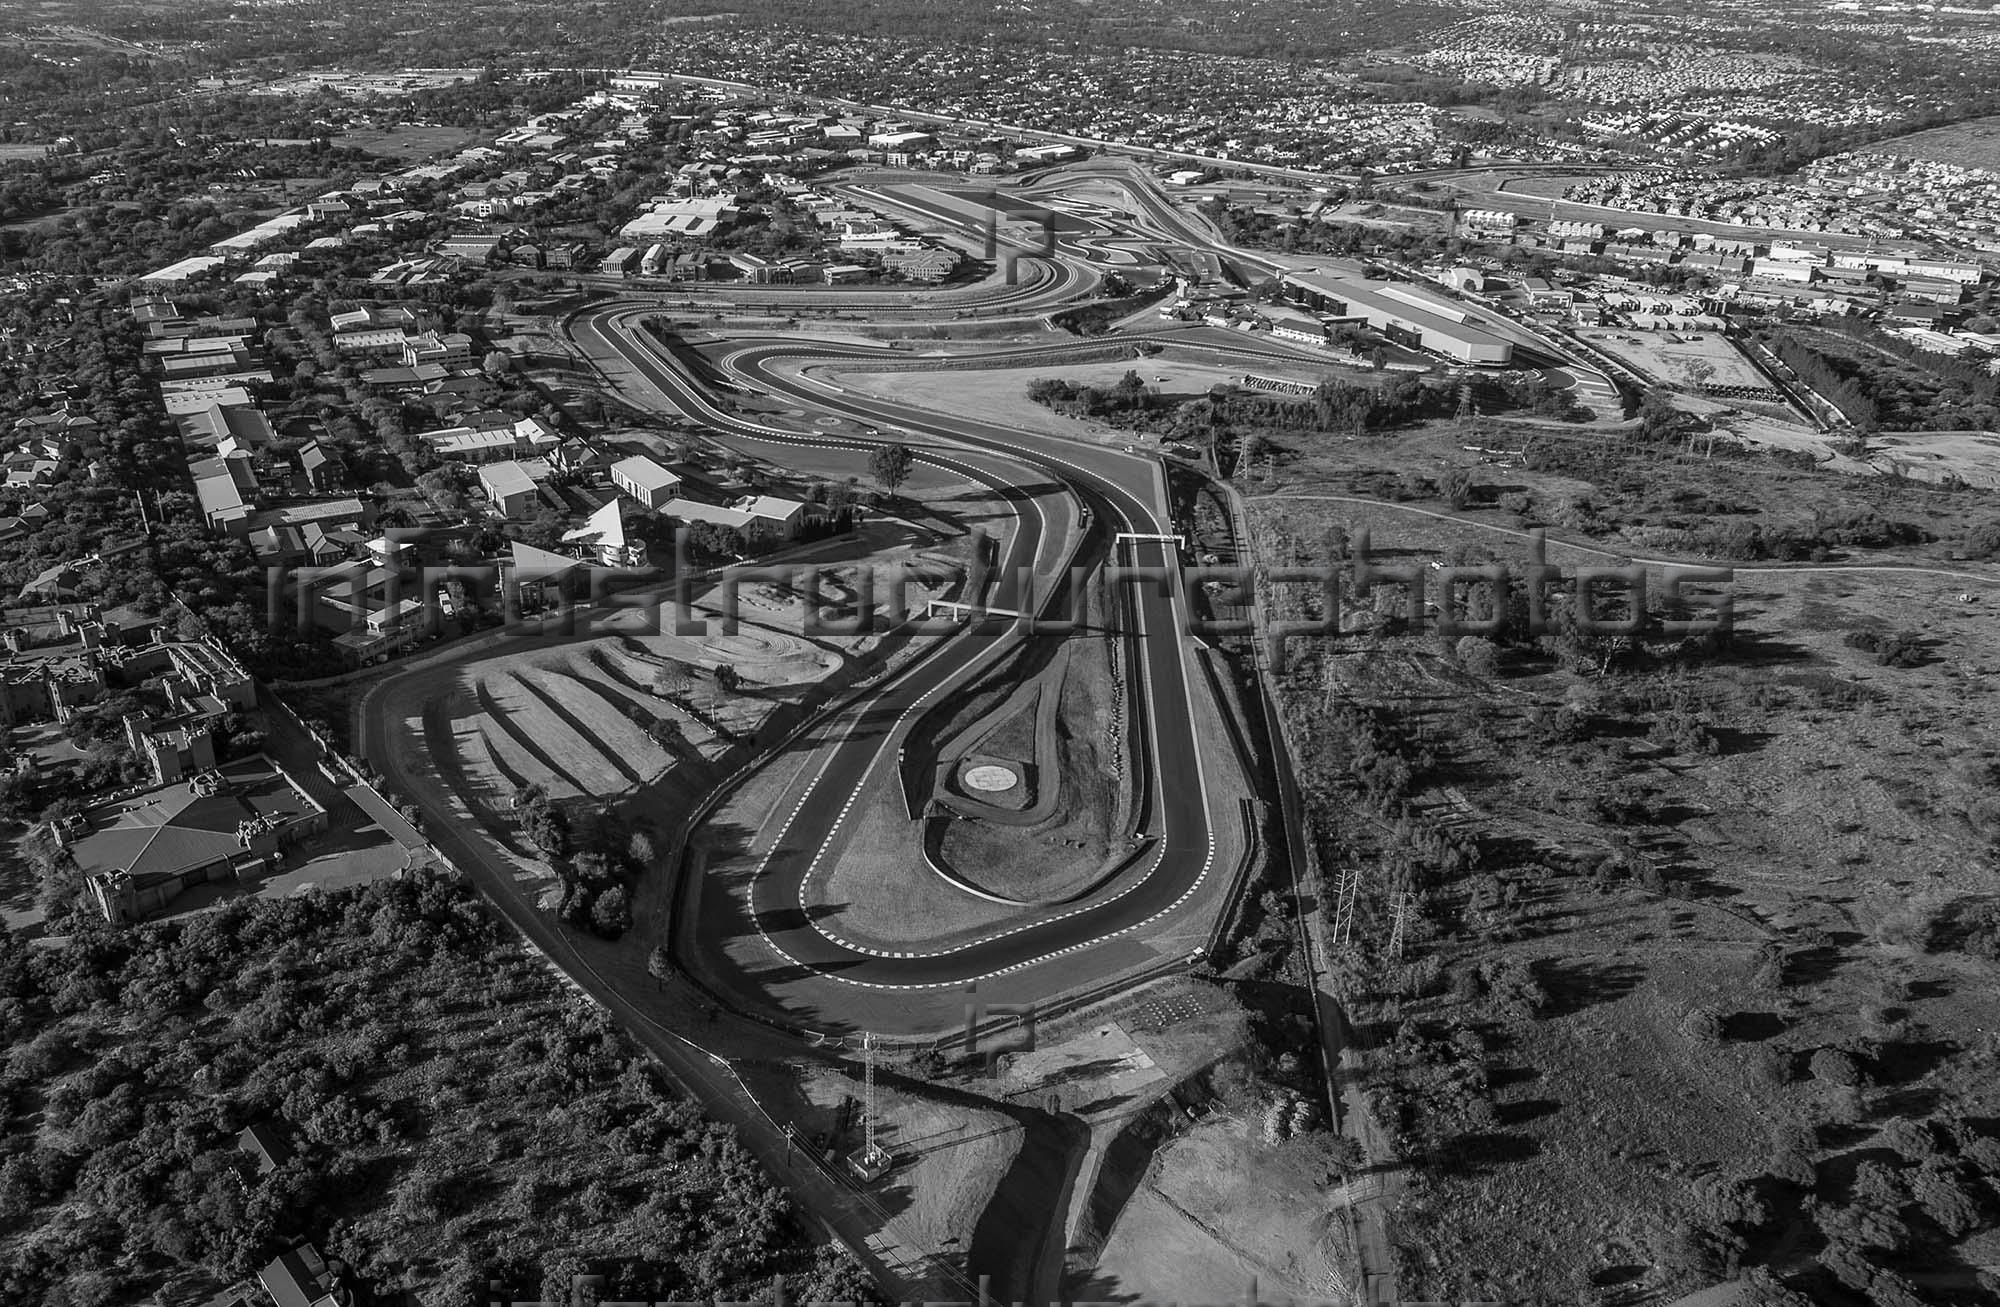 Kyalami Race Track